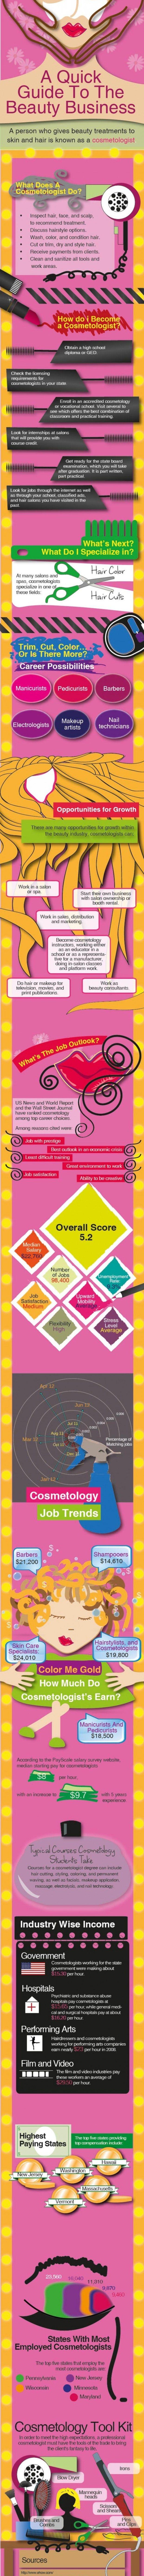 Cosmetology Job Outlook Infographics